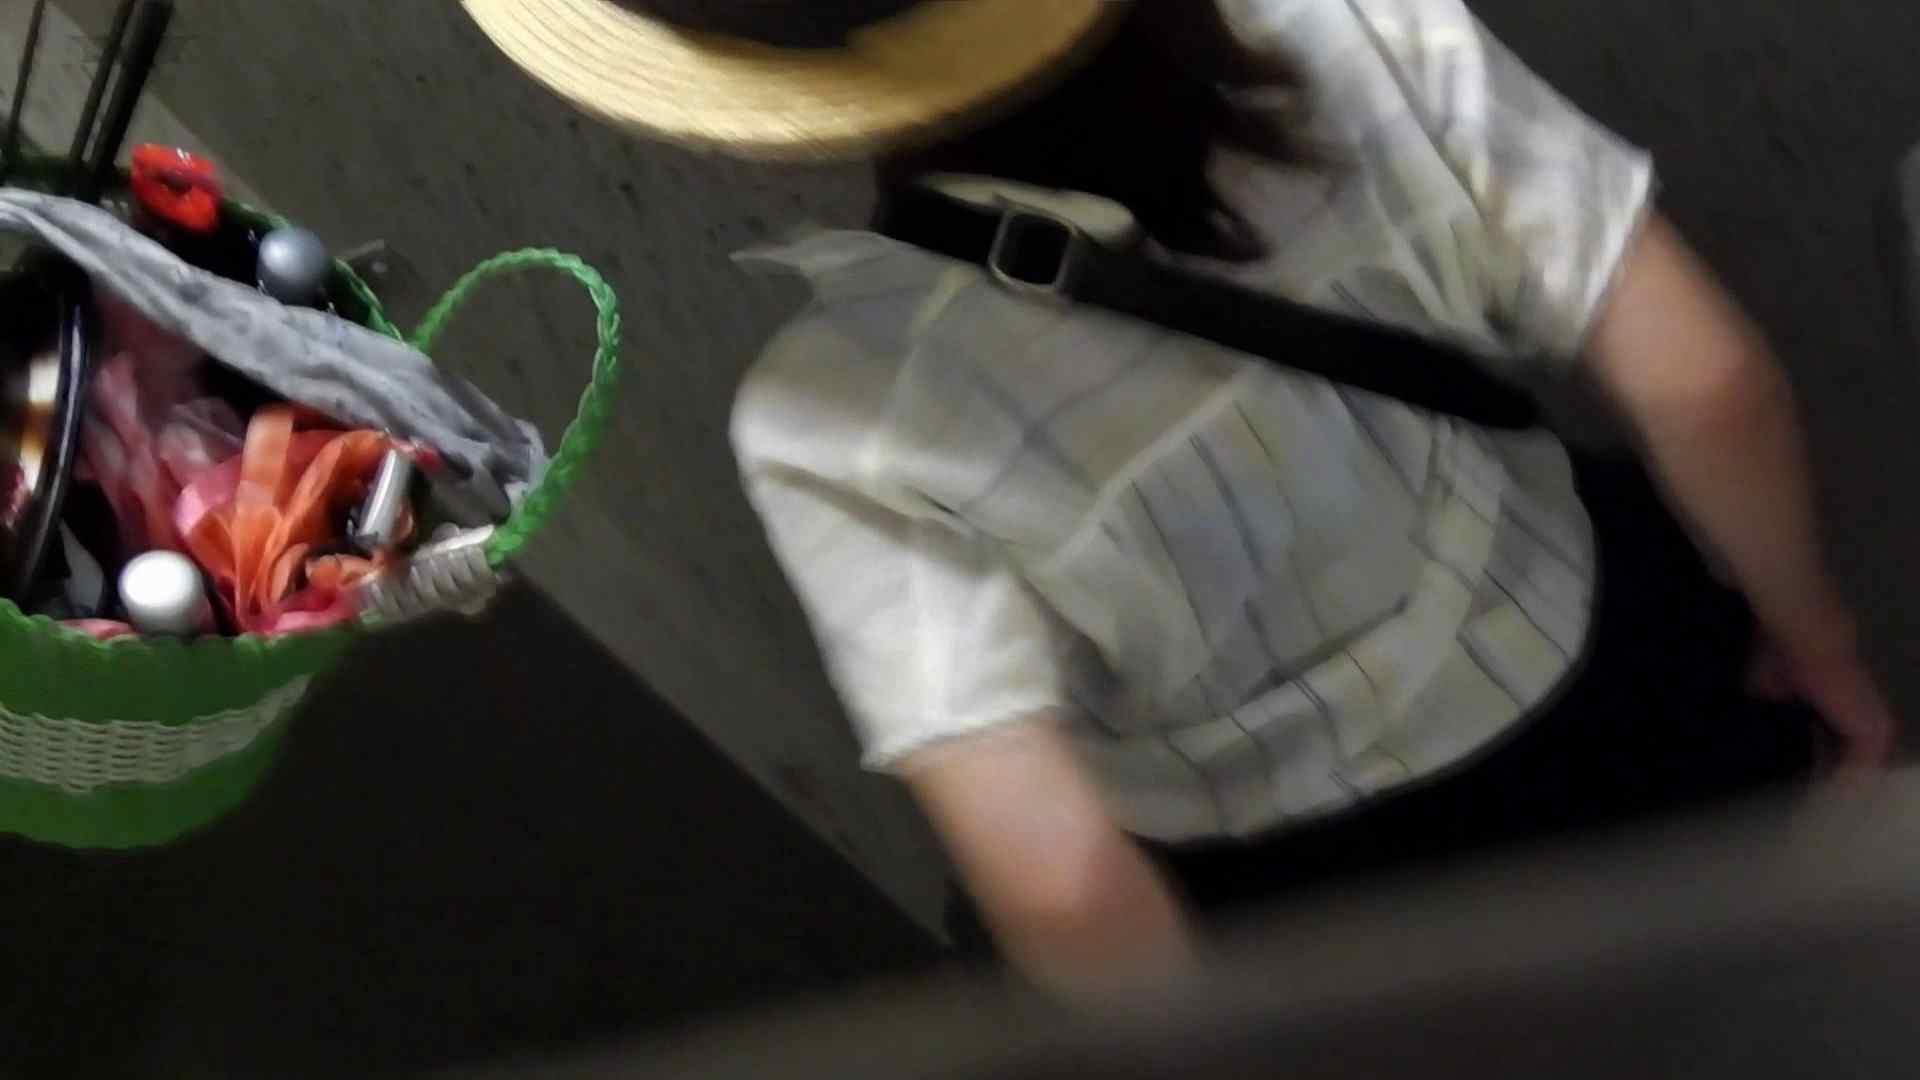 ▲復活限定▲マンコ丸見え!花火大会潜入撮 Vol.02 明るい場所に移動! お姉さん  62PIX 30